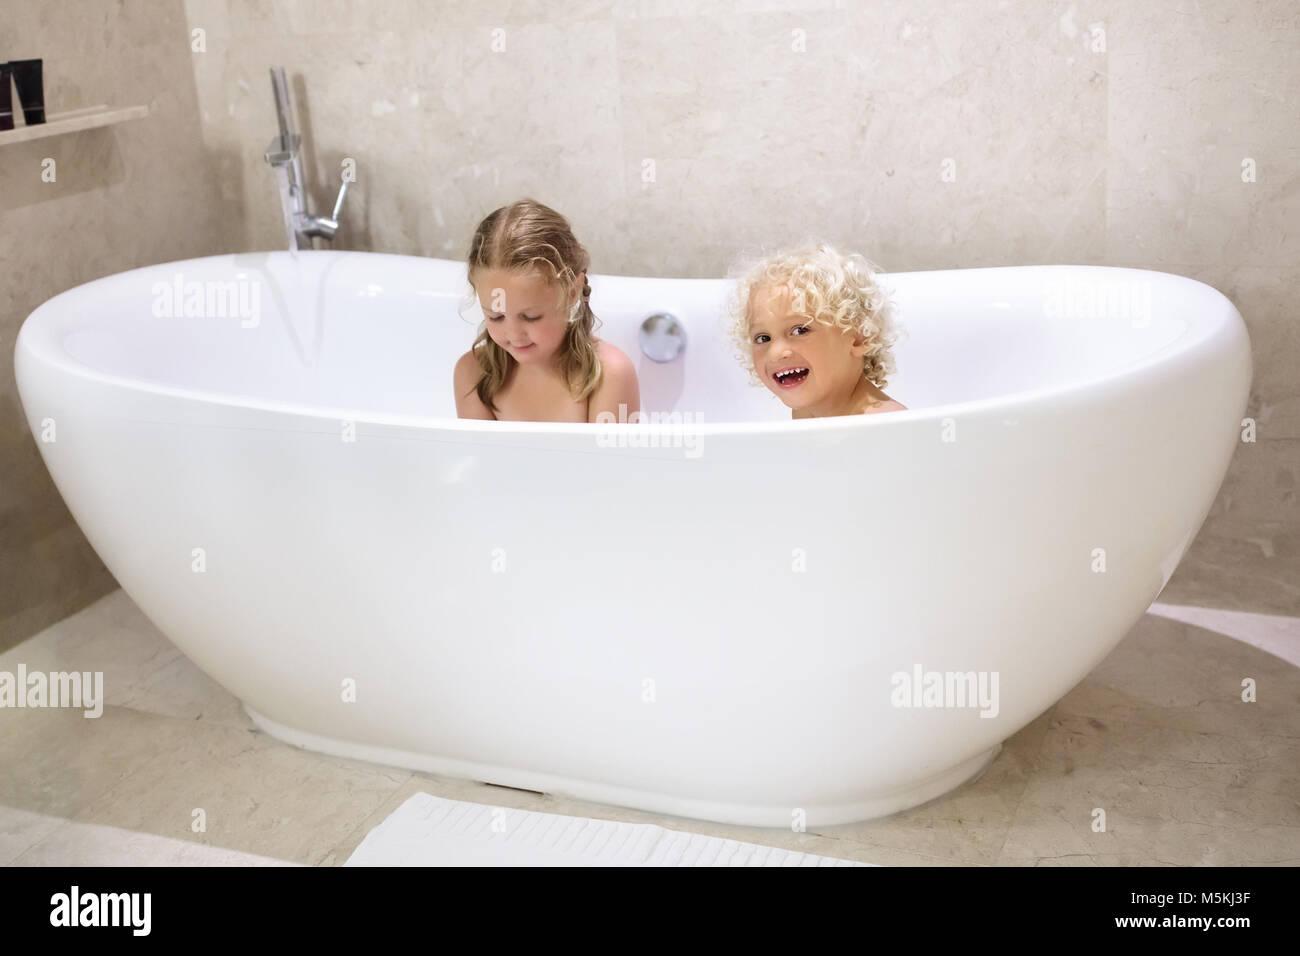 Vasca Da Bagno Piccola Per Bambini : Kids tenendo bagno di bolle i bambini di balneazione in vasca